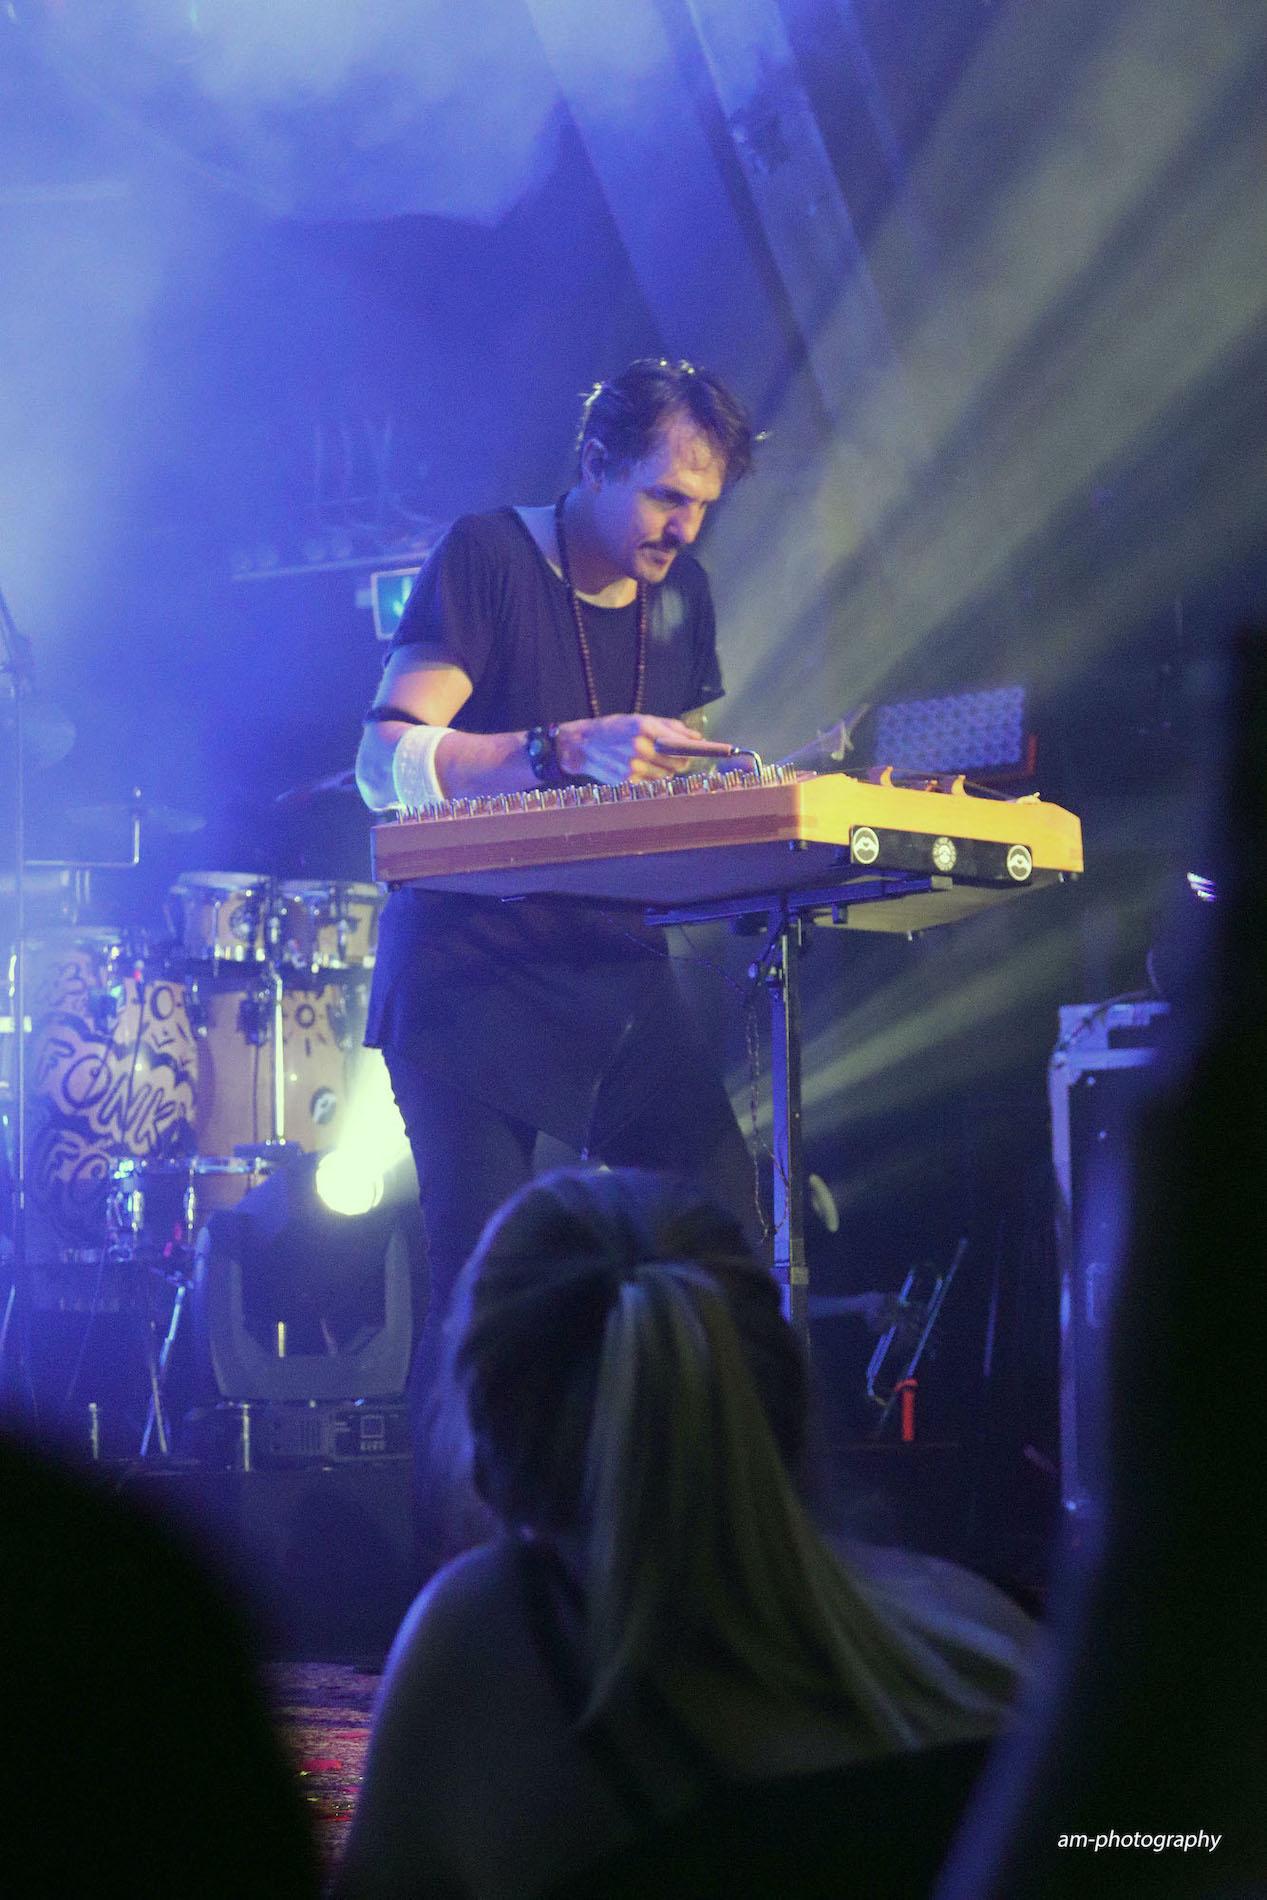 Das Keyboard für Teppiche und Soundelemente.